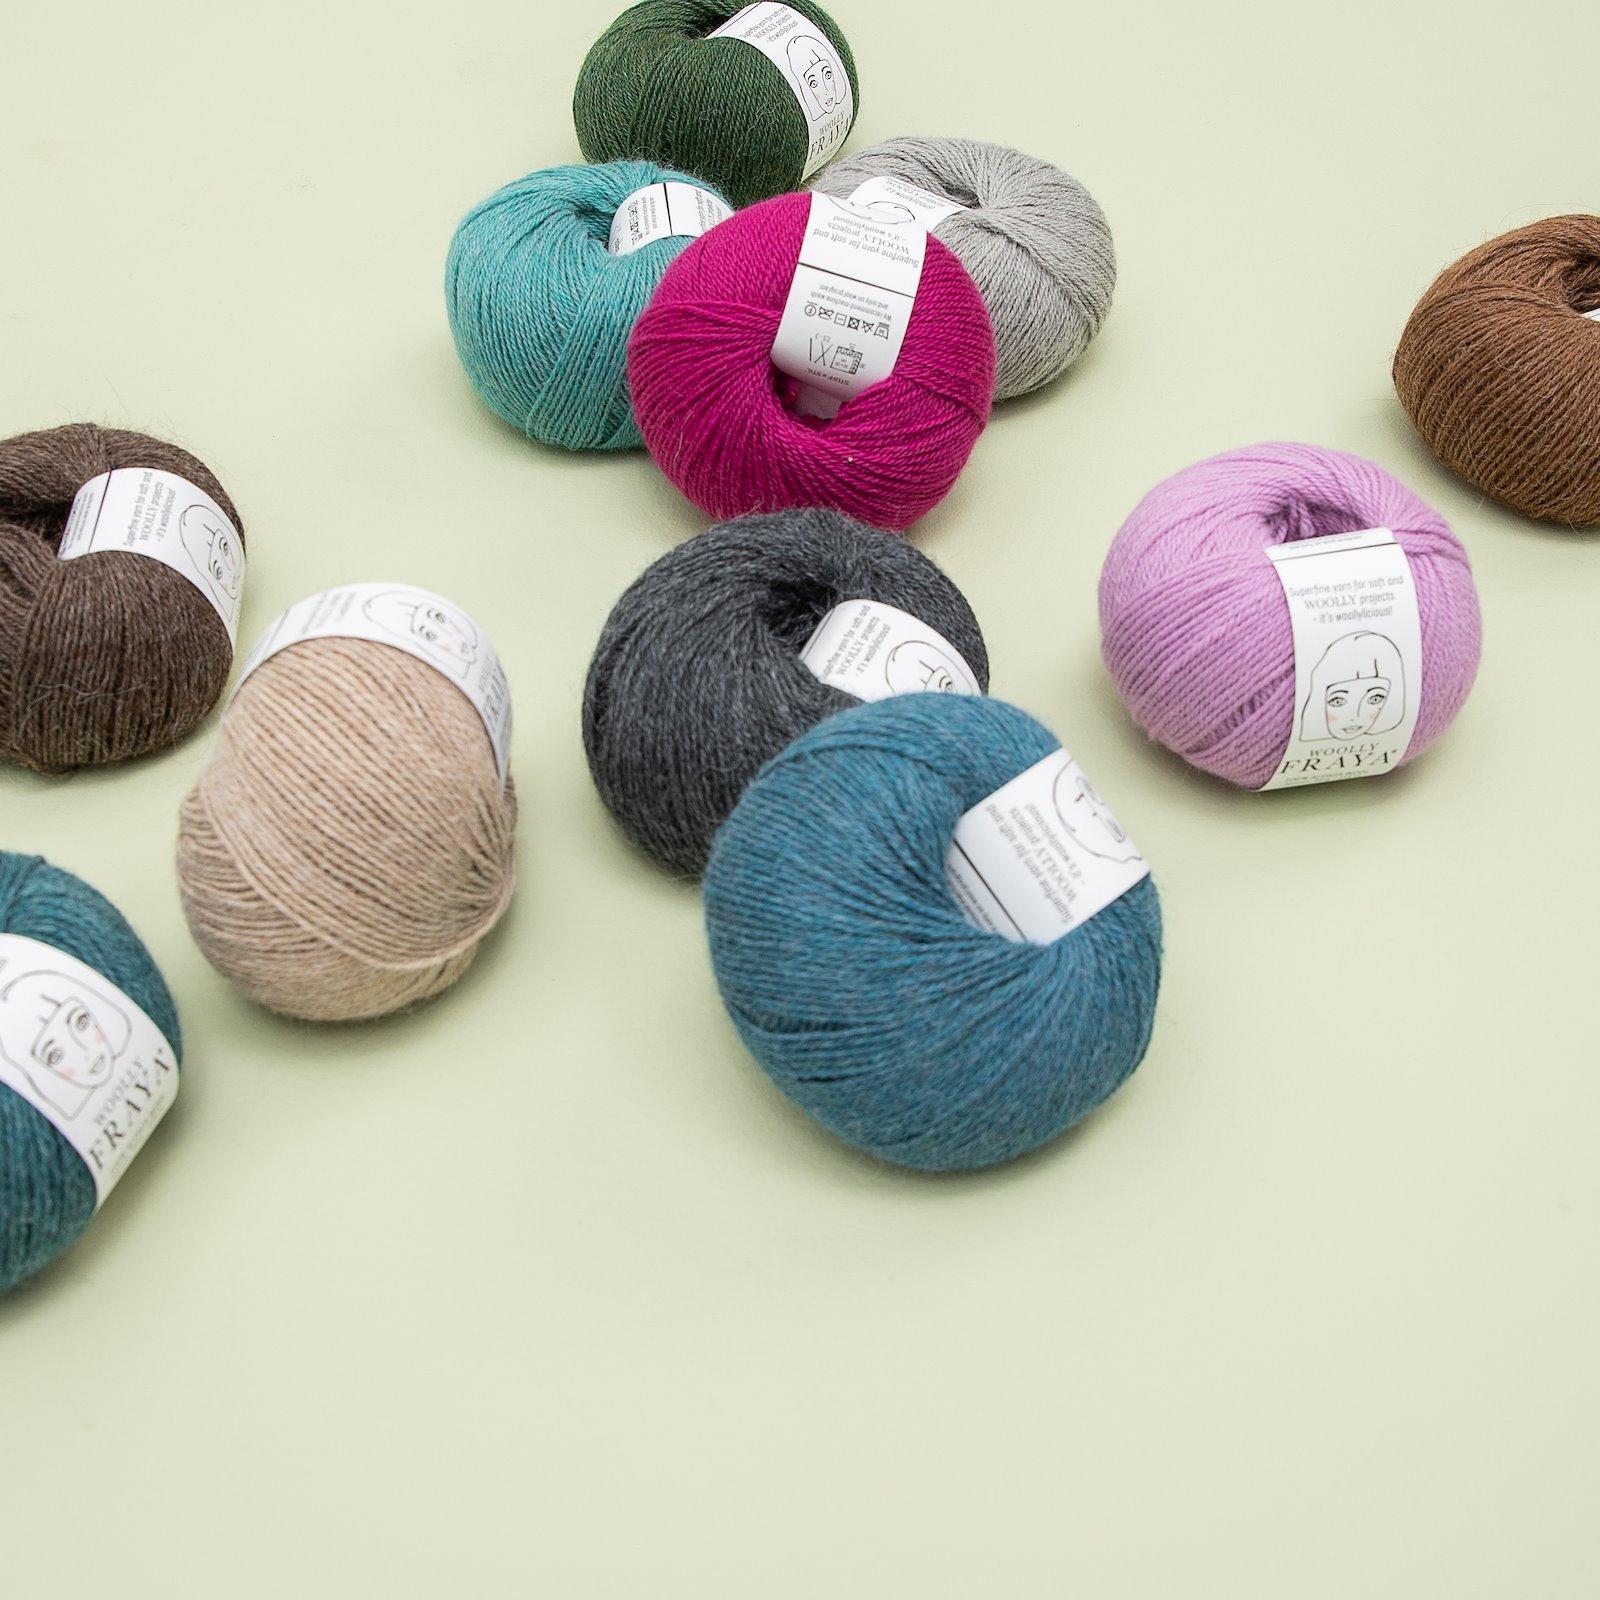 Woolly 50g dusty blue melange 90000062_90000064_90000066_90000068_90000069_90000070_bundle